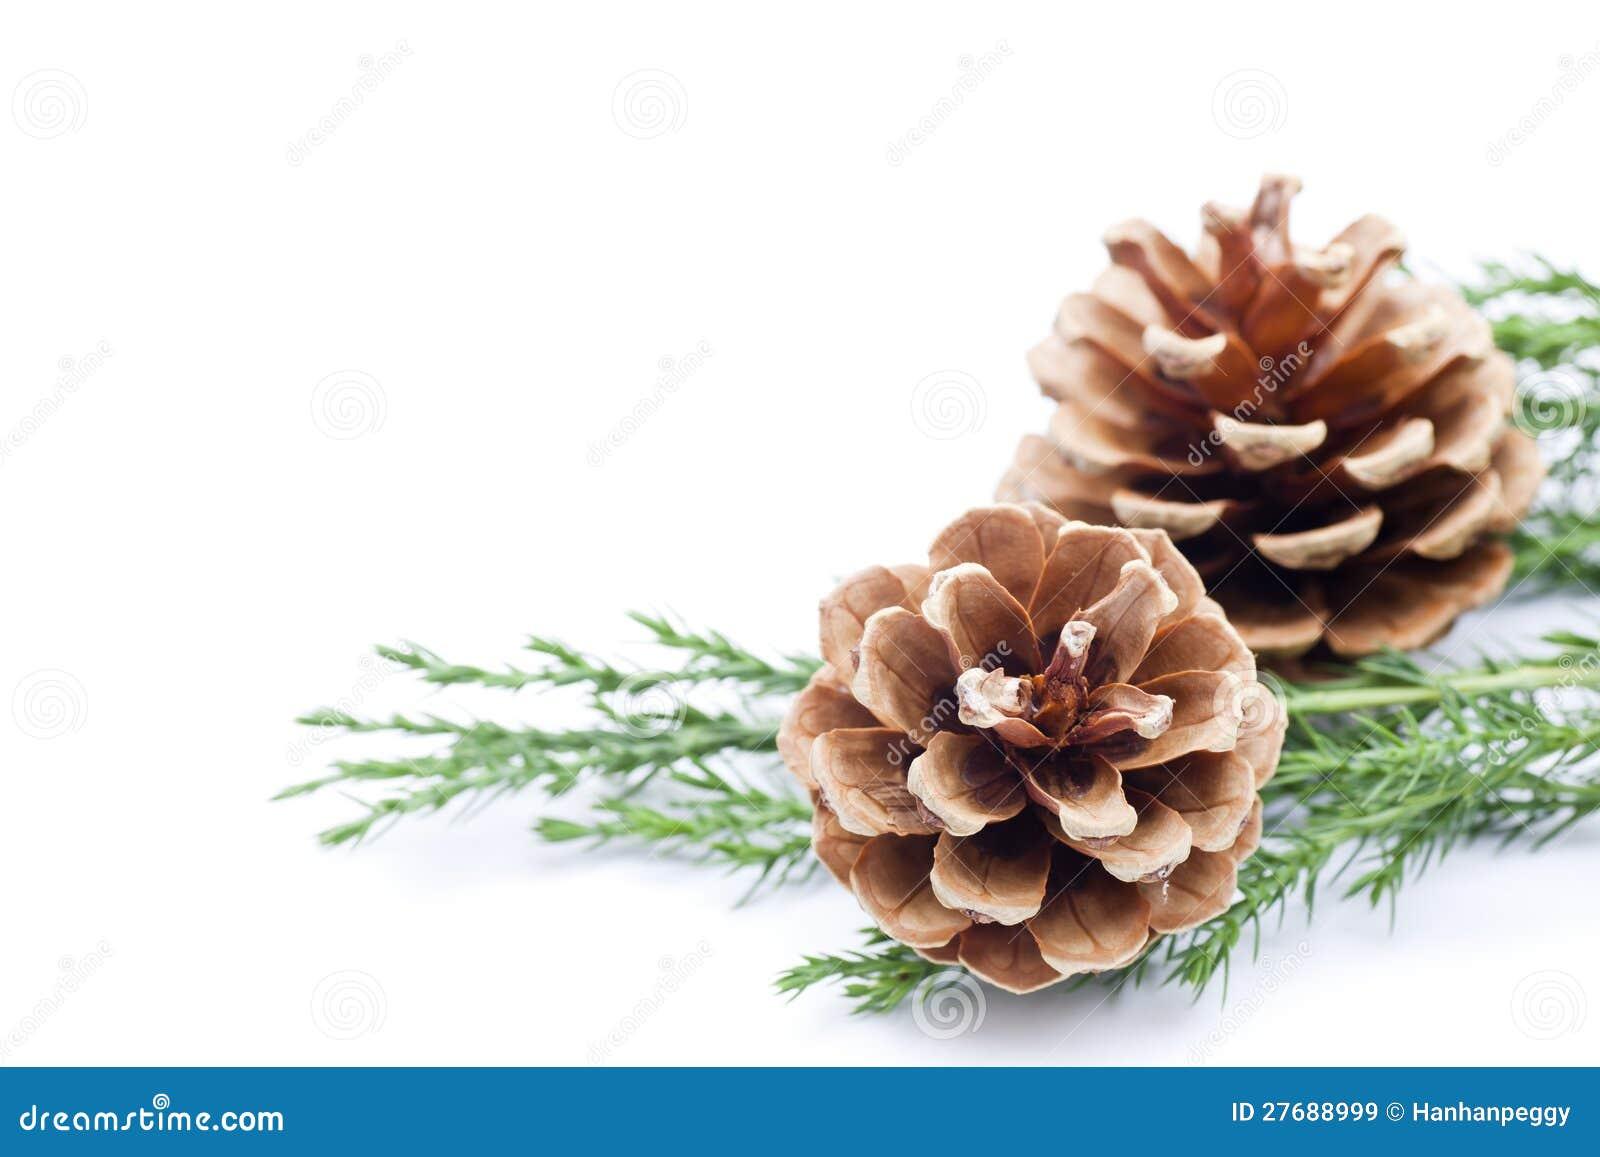 white pine cone clipart